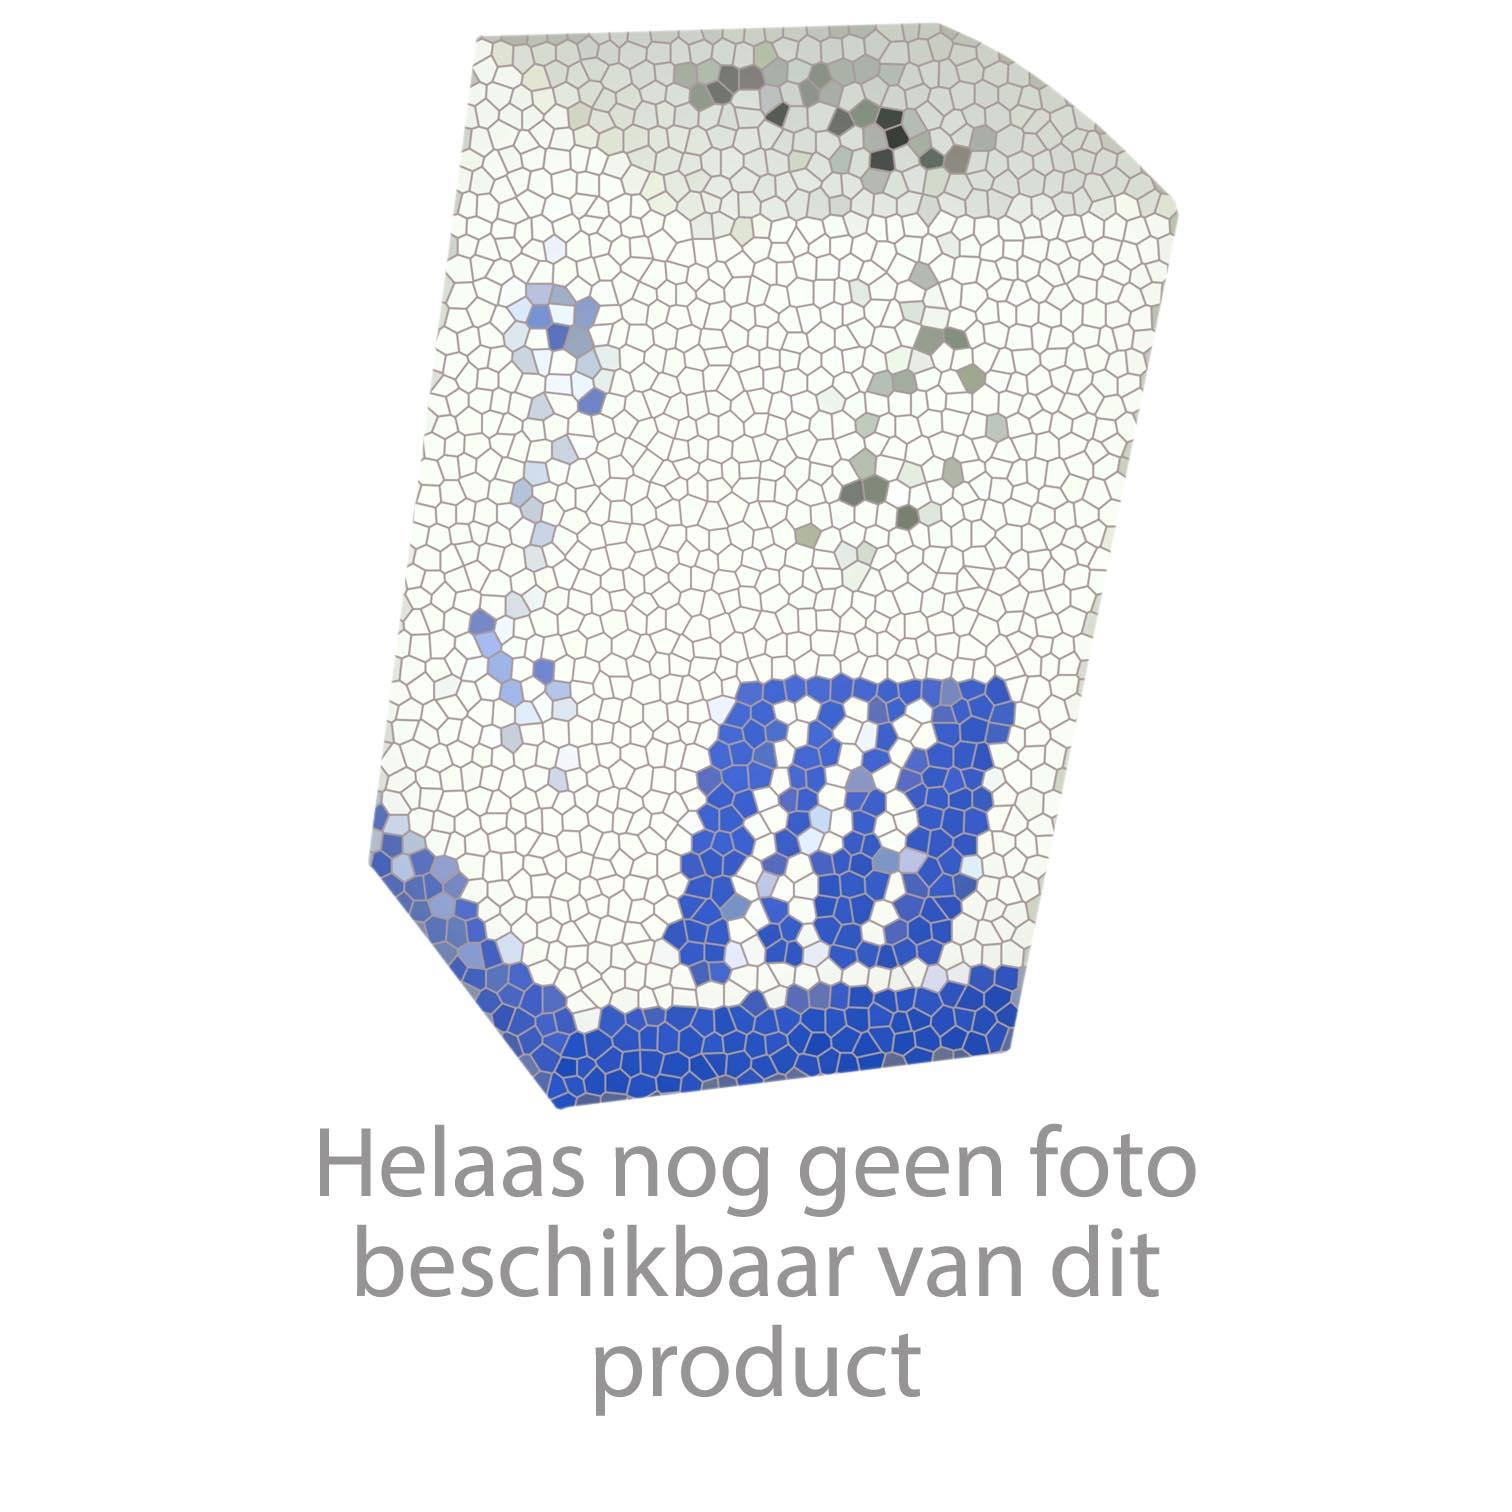 Collo Profi Onderhouds- En Reinigingsmiddel Voor Keramische Kookplaten, Reinigt, Beschermt Langdurig En Verzorgt Flaconinhoud: 125 Ml